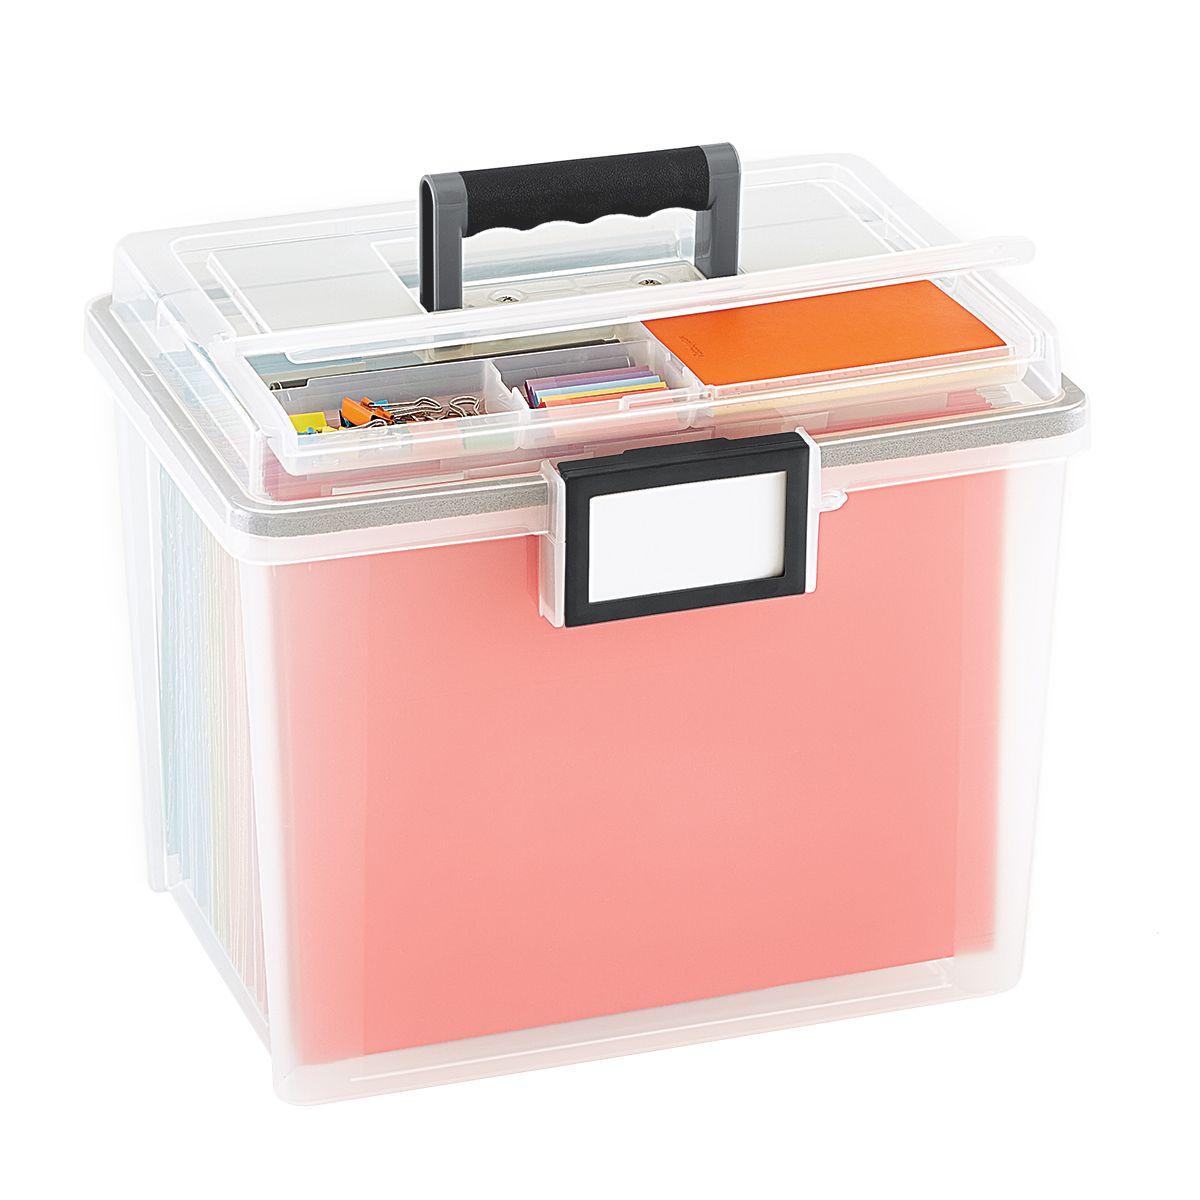 Watertight Portable File Tote